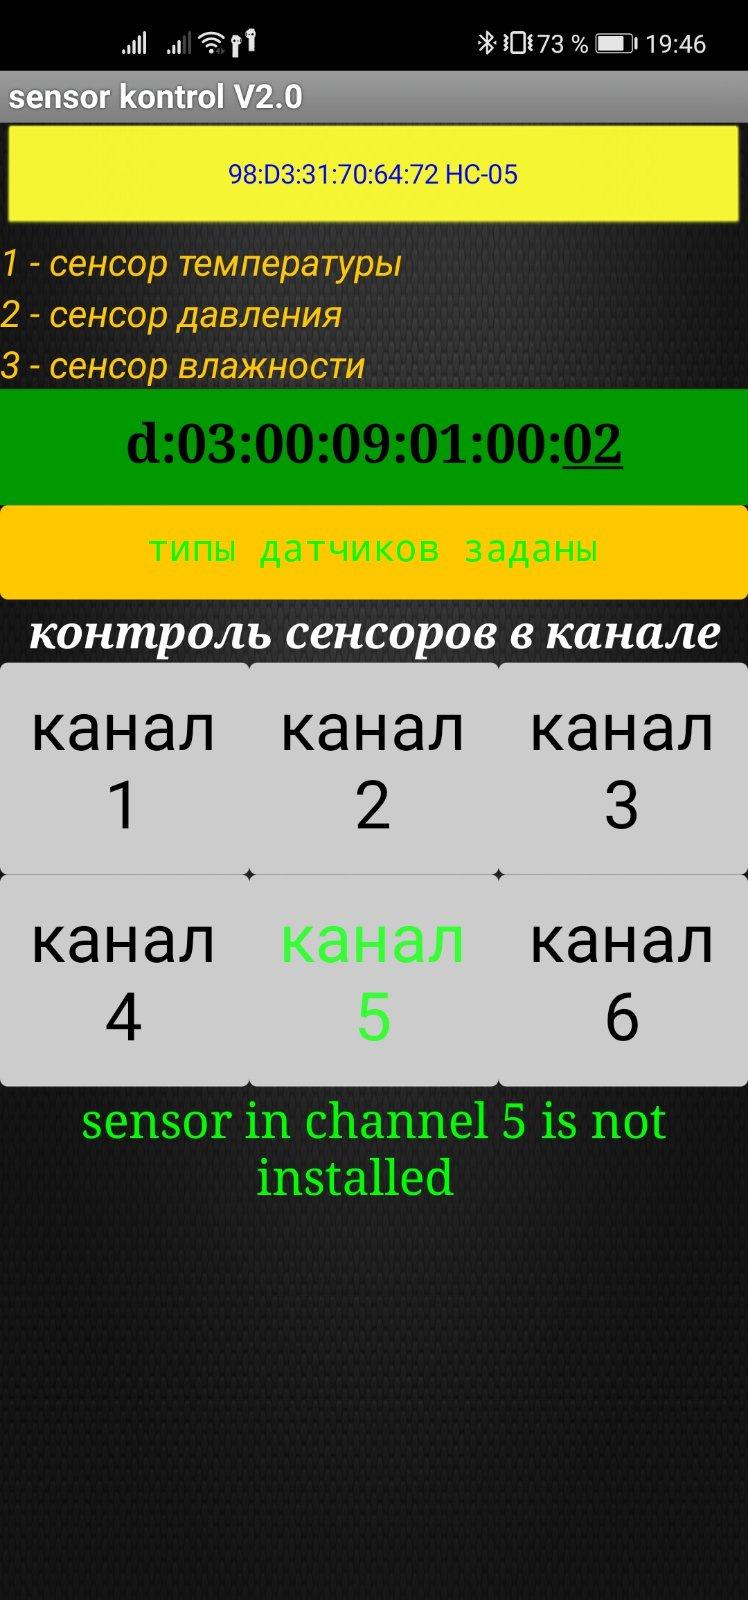 K5Mf219gE70sQ2St-281jduAeuo-960.jpg